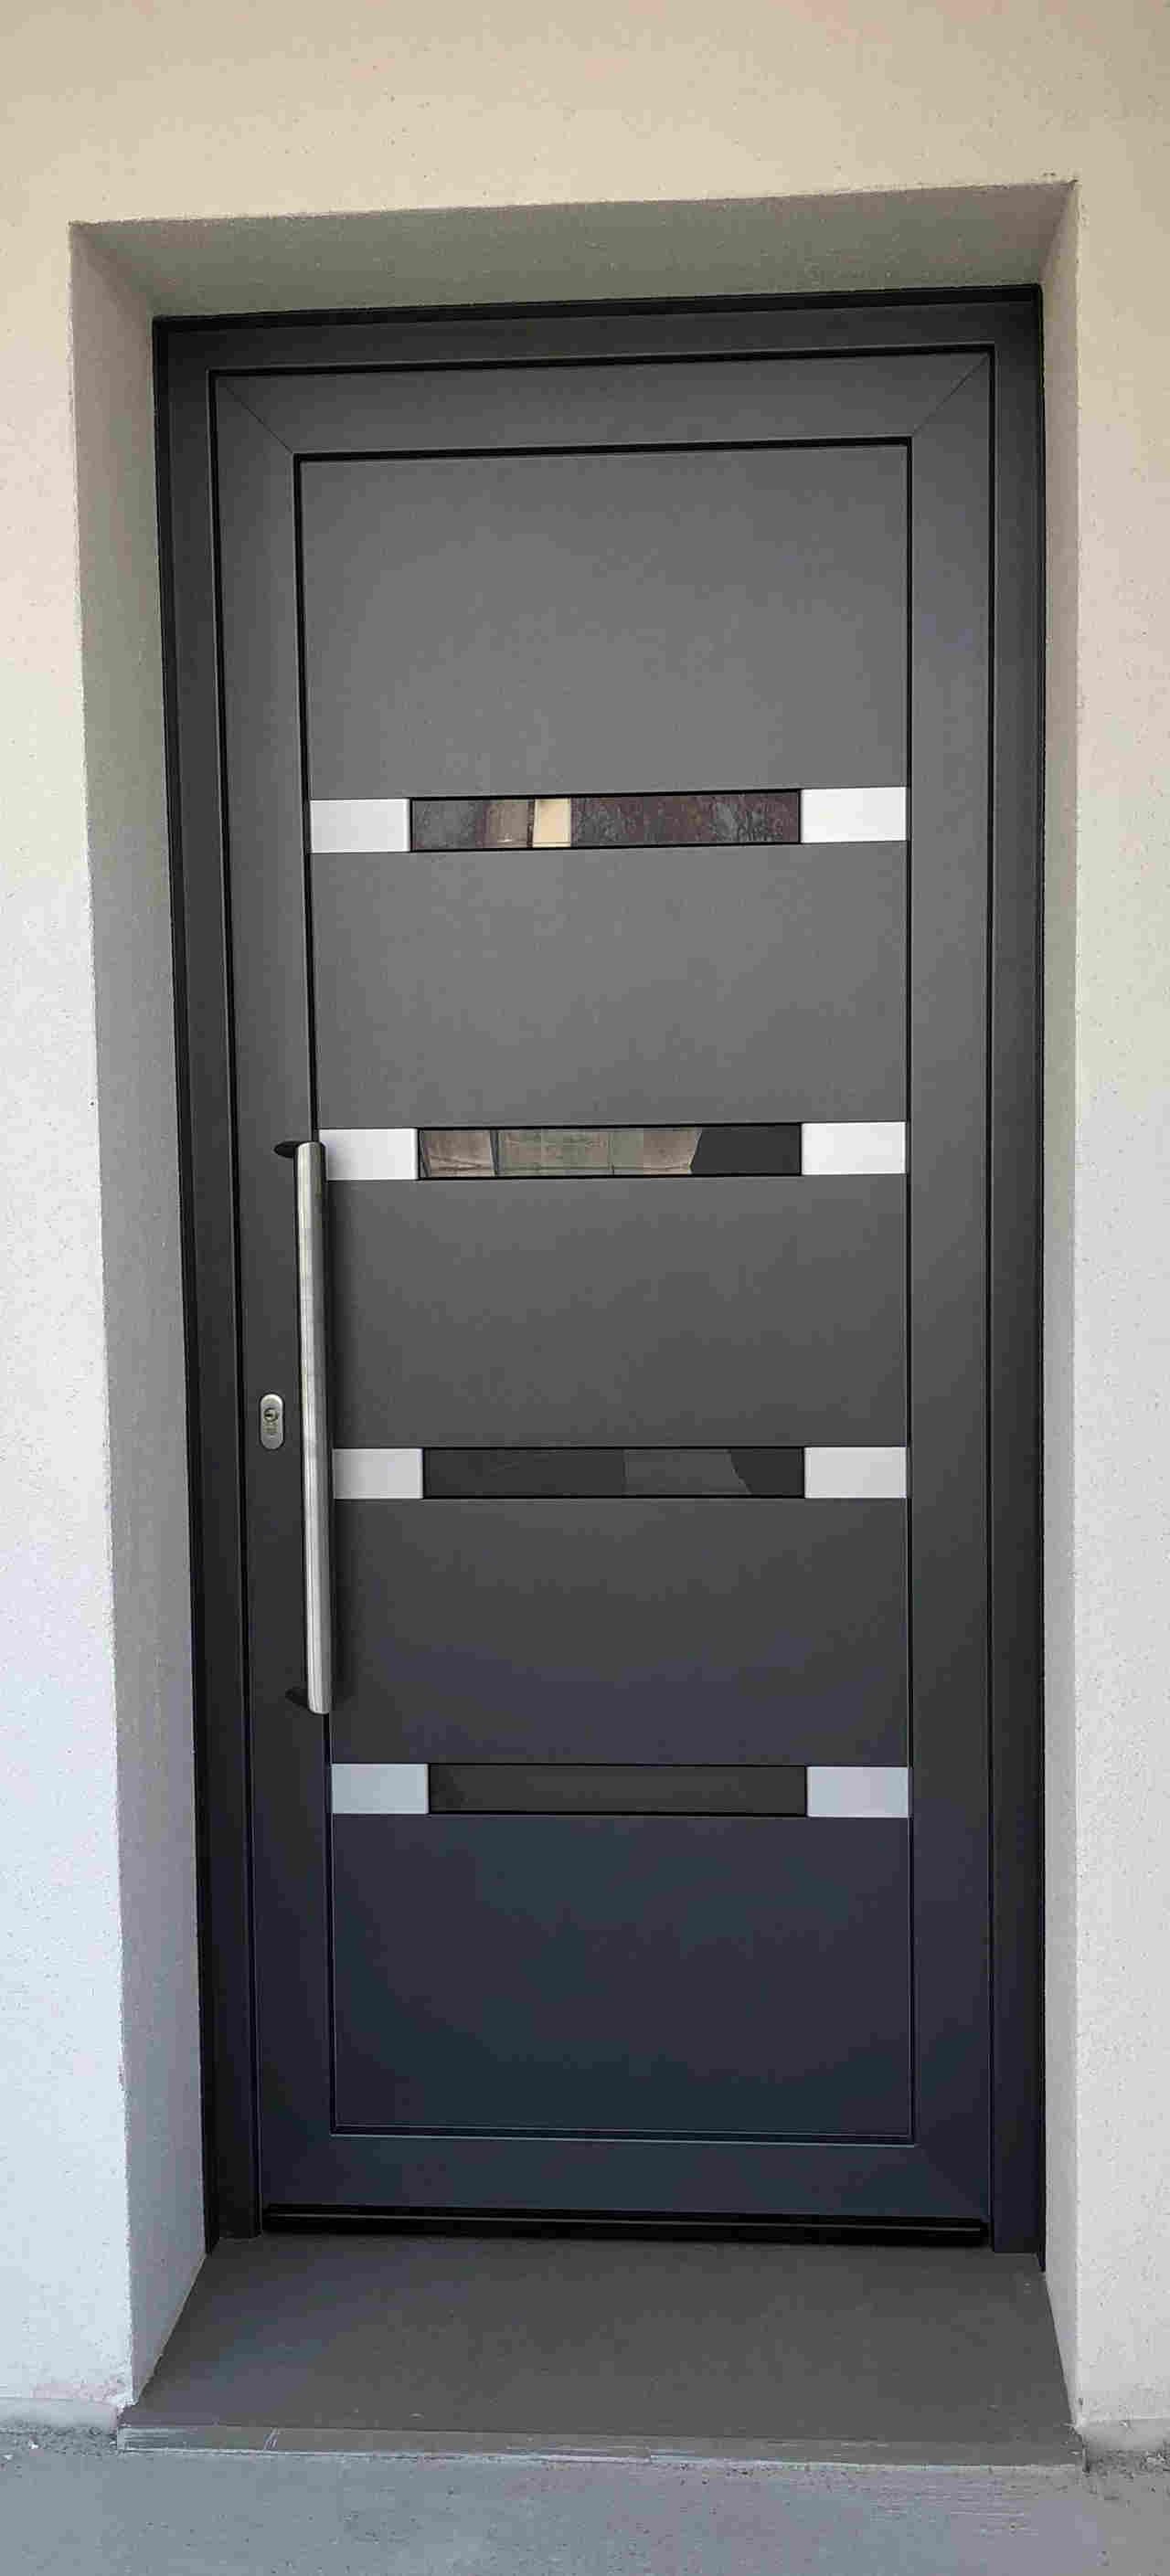 Contatti Ufficio Linea Emme Serramenti Realizzazioni In Pvc Finestre E Porte 41